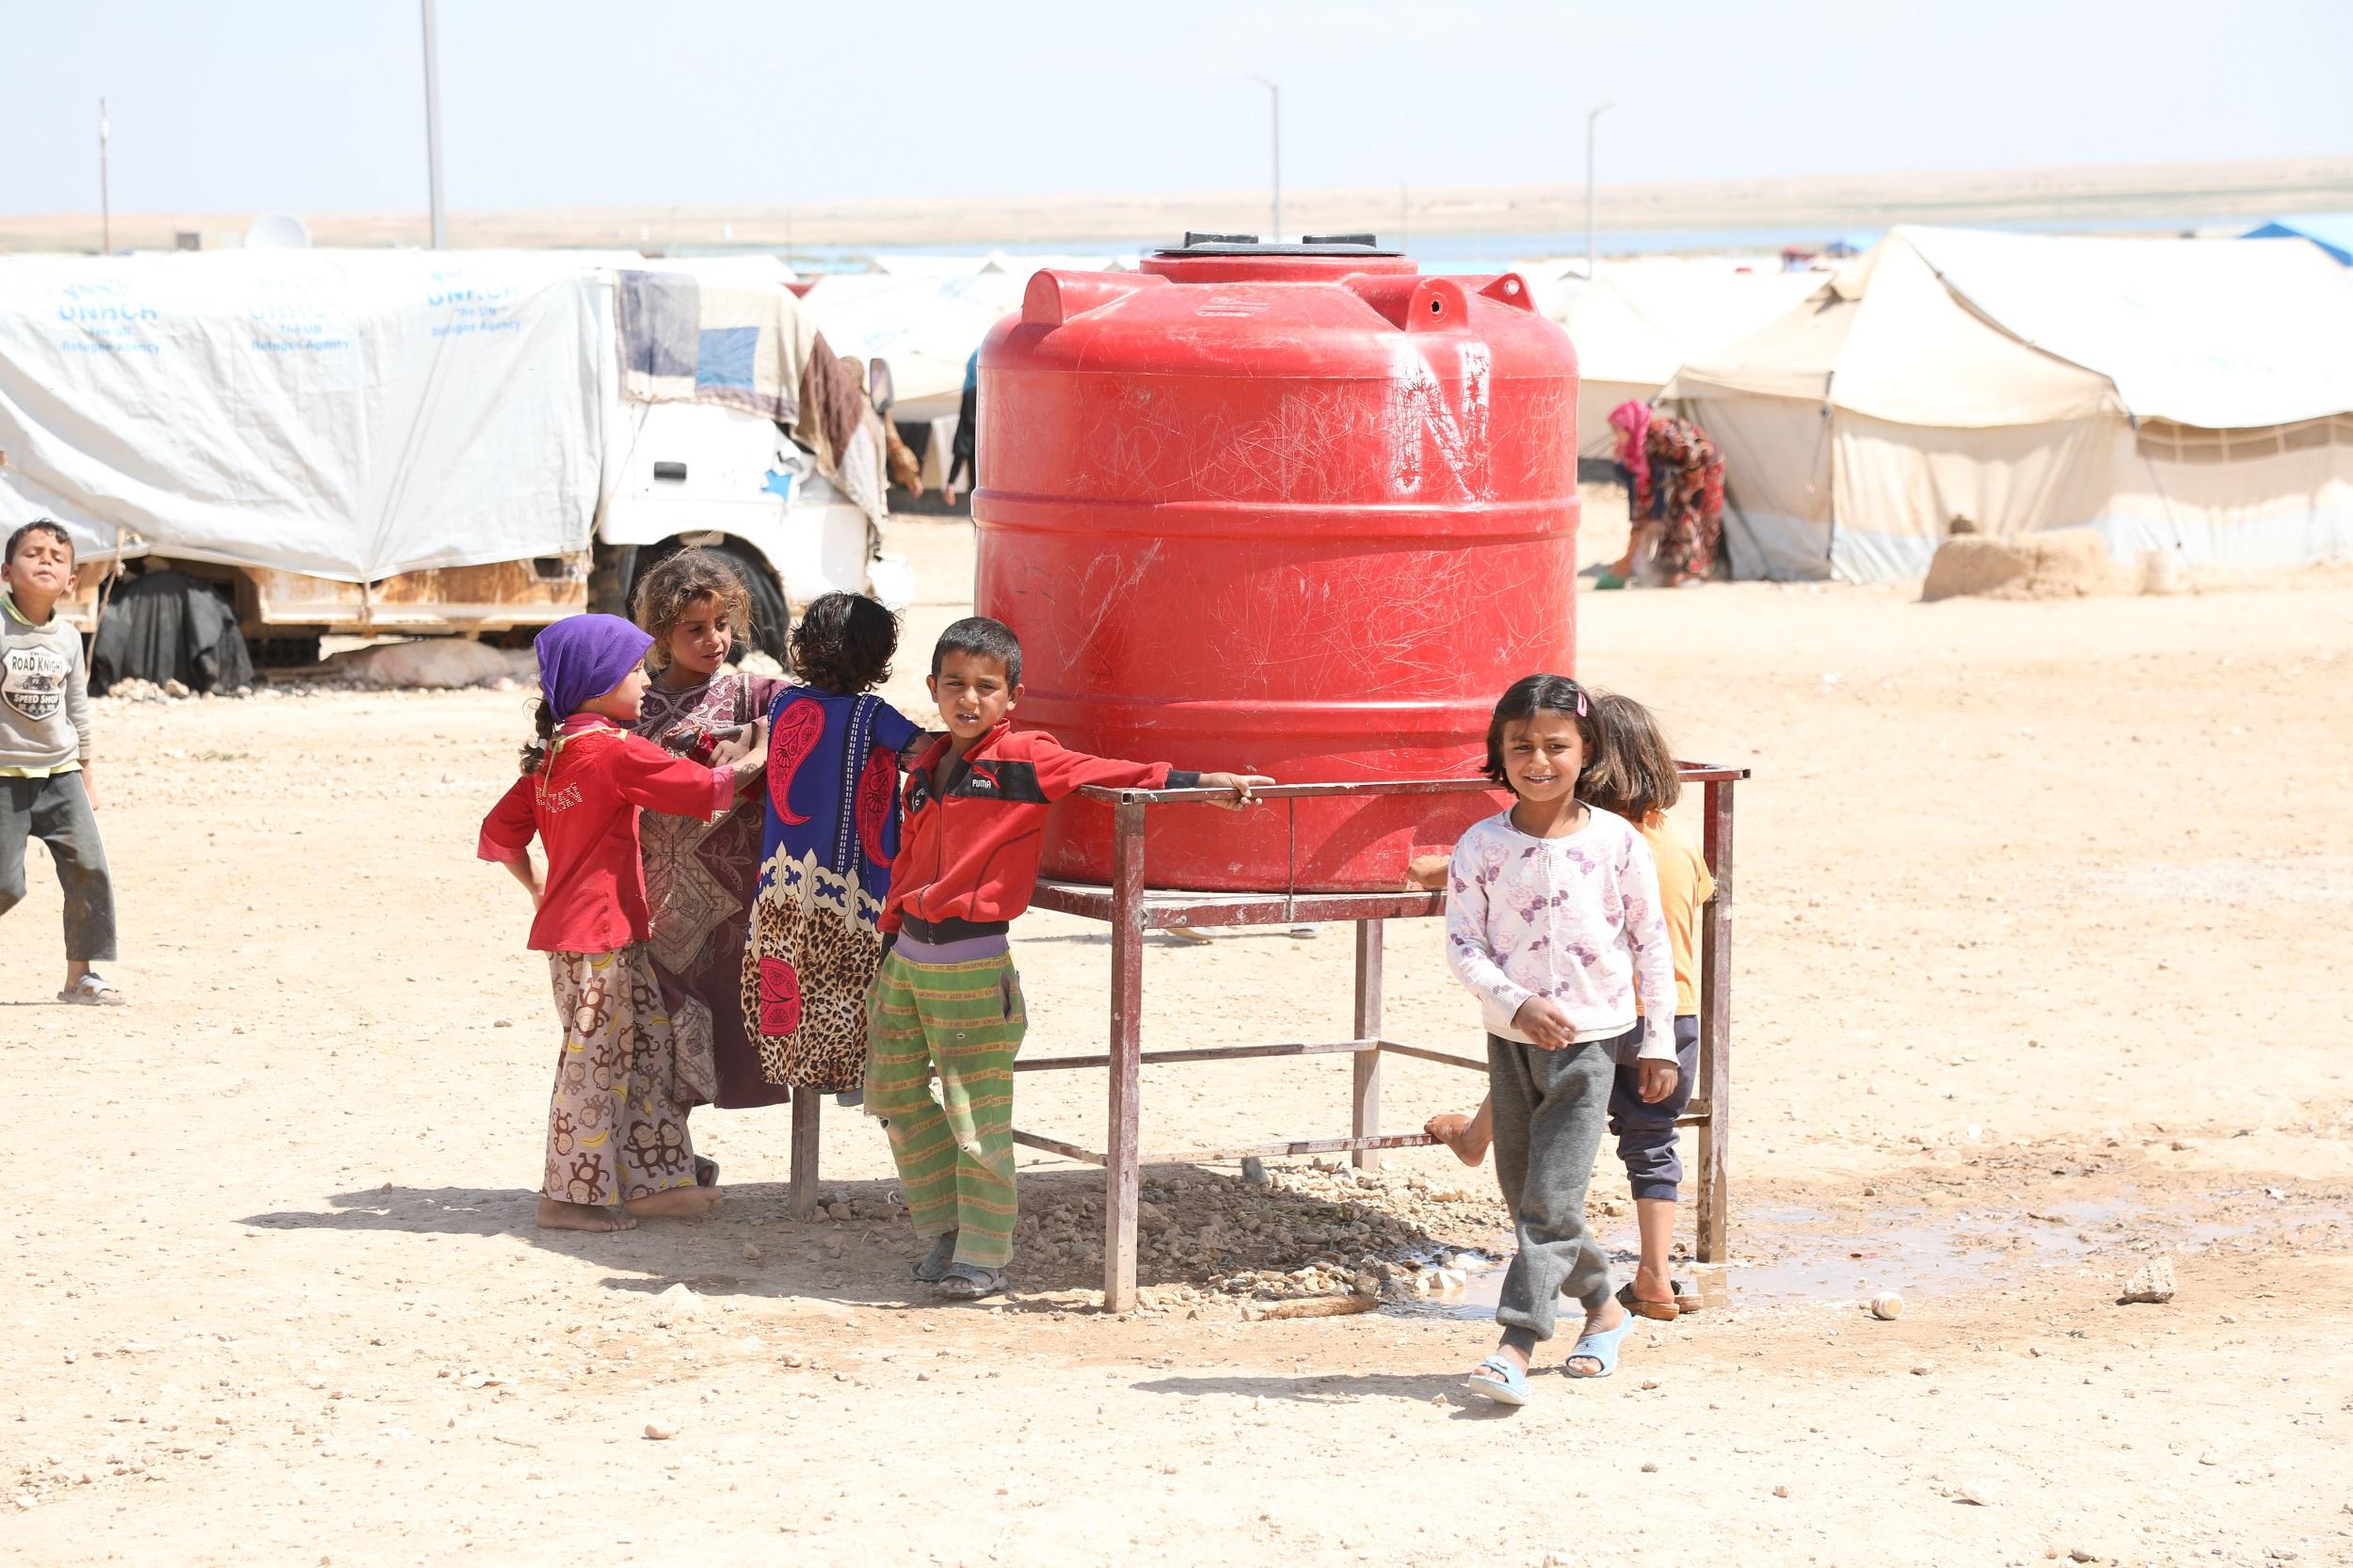 إدارة مخيم الهول تطالب الأمم المتحدة بتوفير مساعدات عاجلة